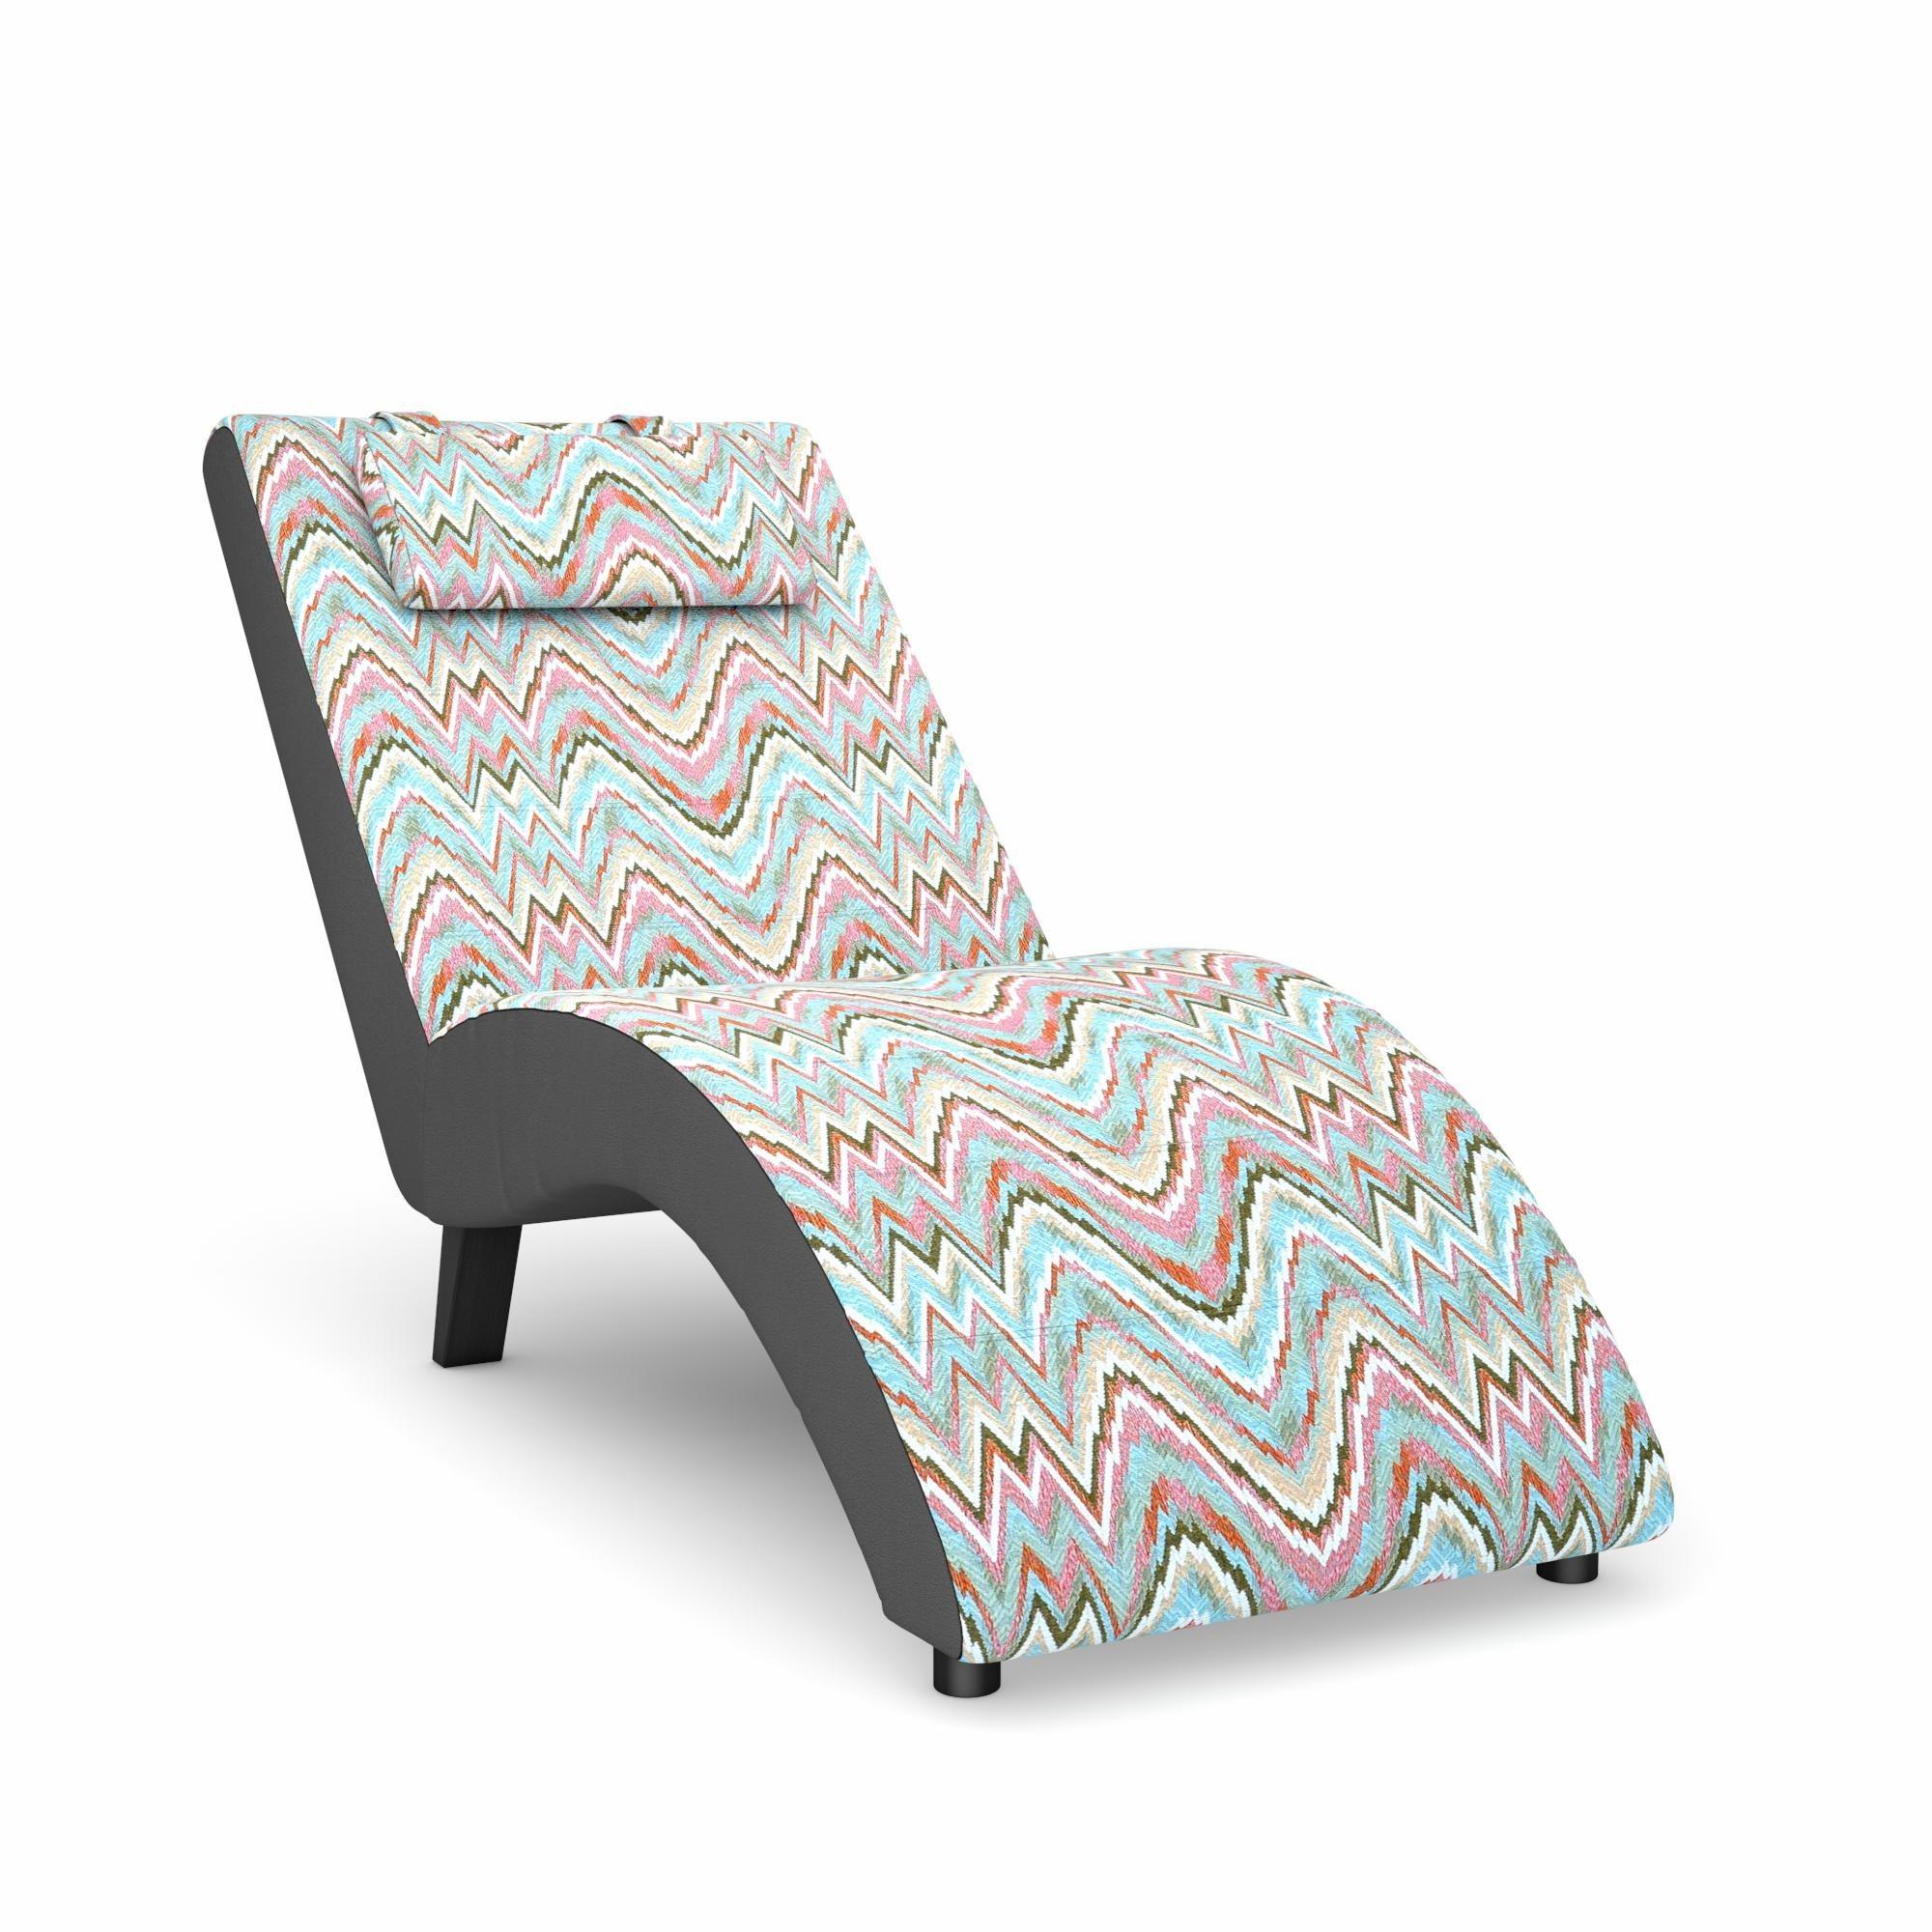 Max Winzer® build-a-chair Relaxliege »Nova«, inklusive Nackenkissen, zum Selbstgestalten | Wohnzimmer > Sessel > Relaxliegen | Print | Holz - Kunstleder - Buche - Massiv - Flachgewebe | Max Winzer®